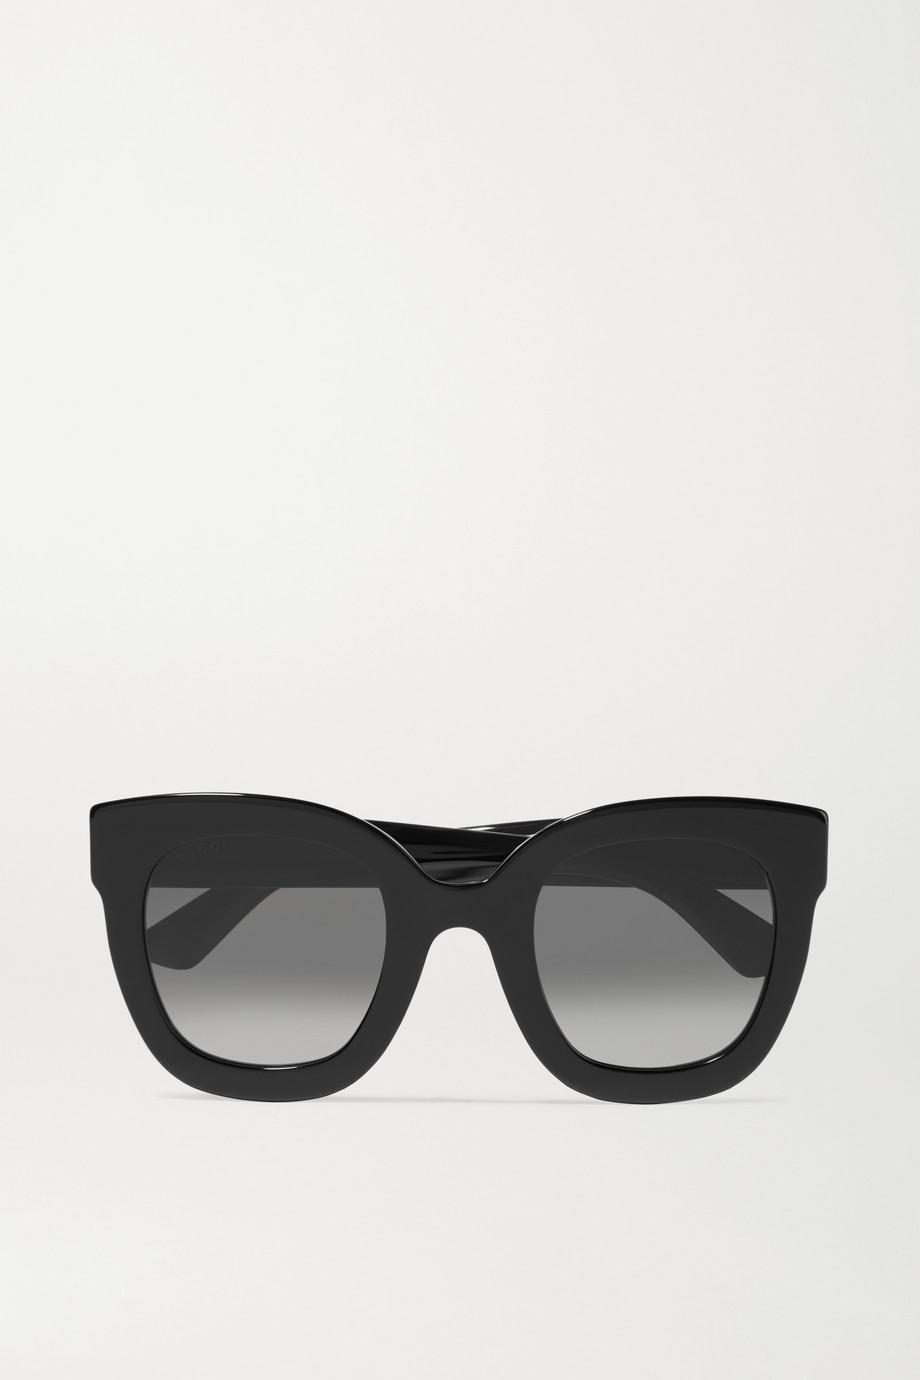 Gucci Stars 超大款带缀饰板材圆框太阳镜